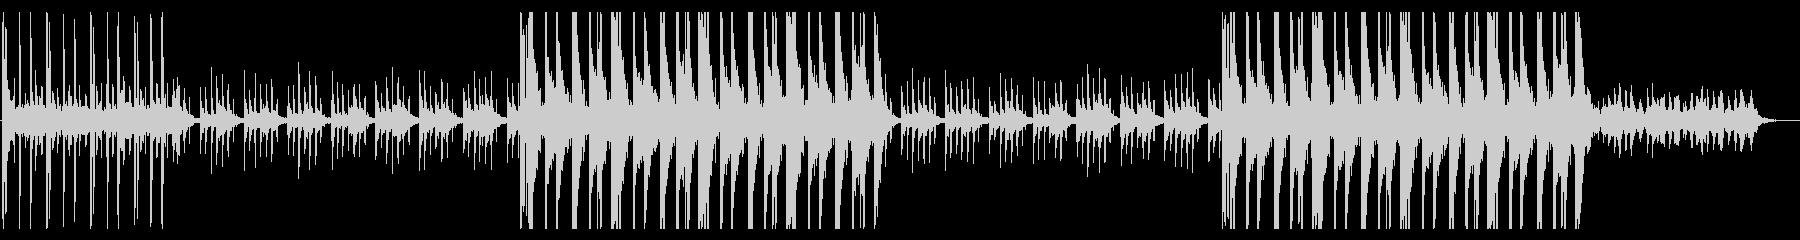 ローファイ チルアウト R&Bの未再生の波形